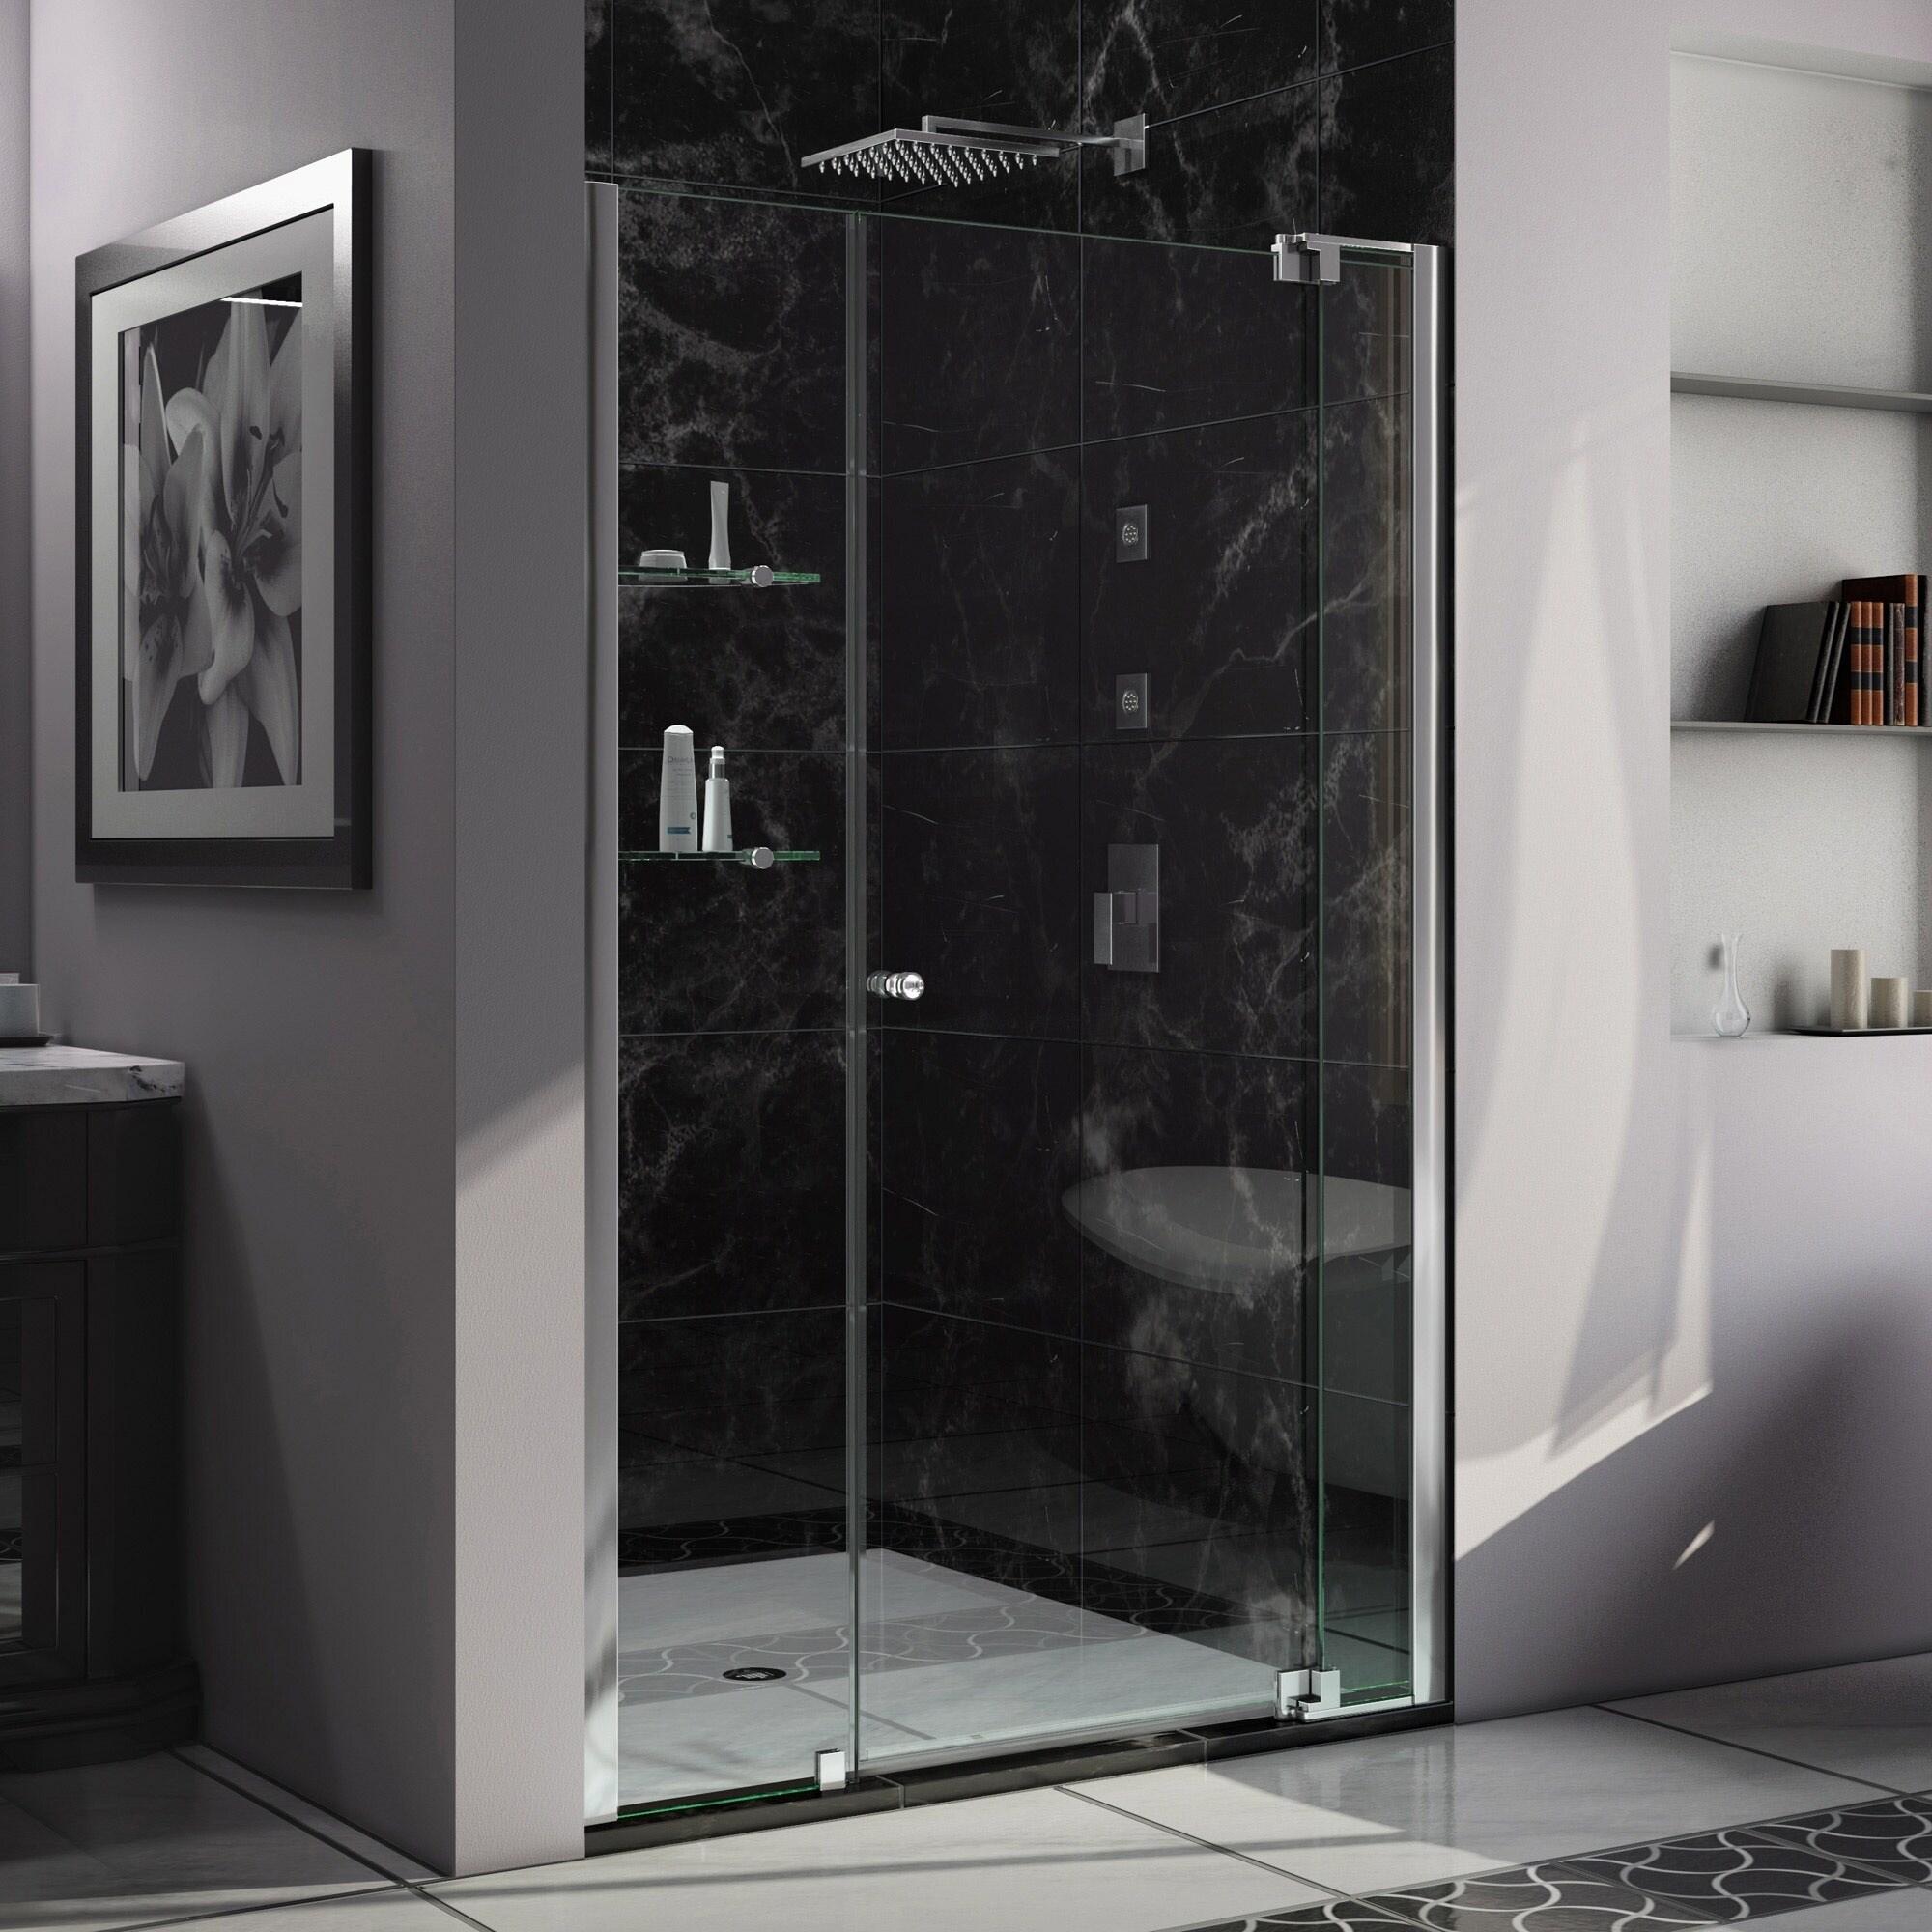 Dreamline Allure 42 43 In W X 73 In H Frameless Pivot Shower Door 42 43 W